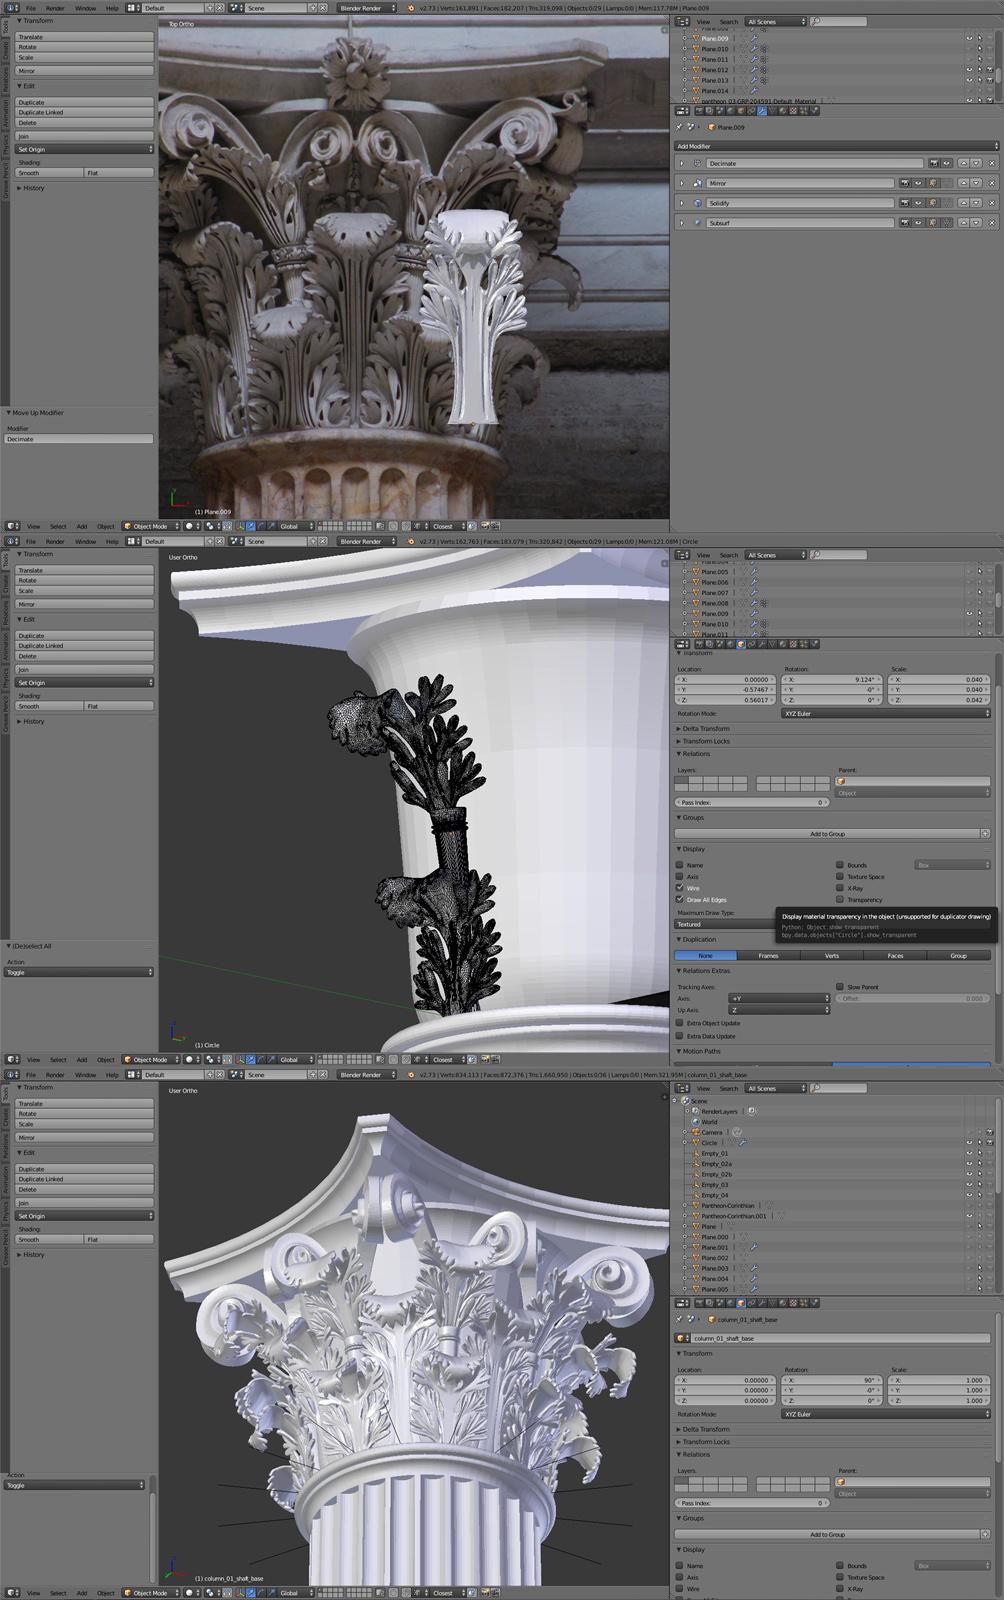 modeling of details